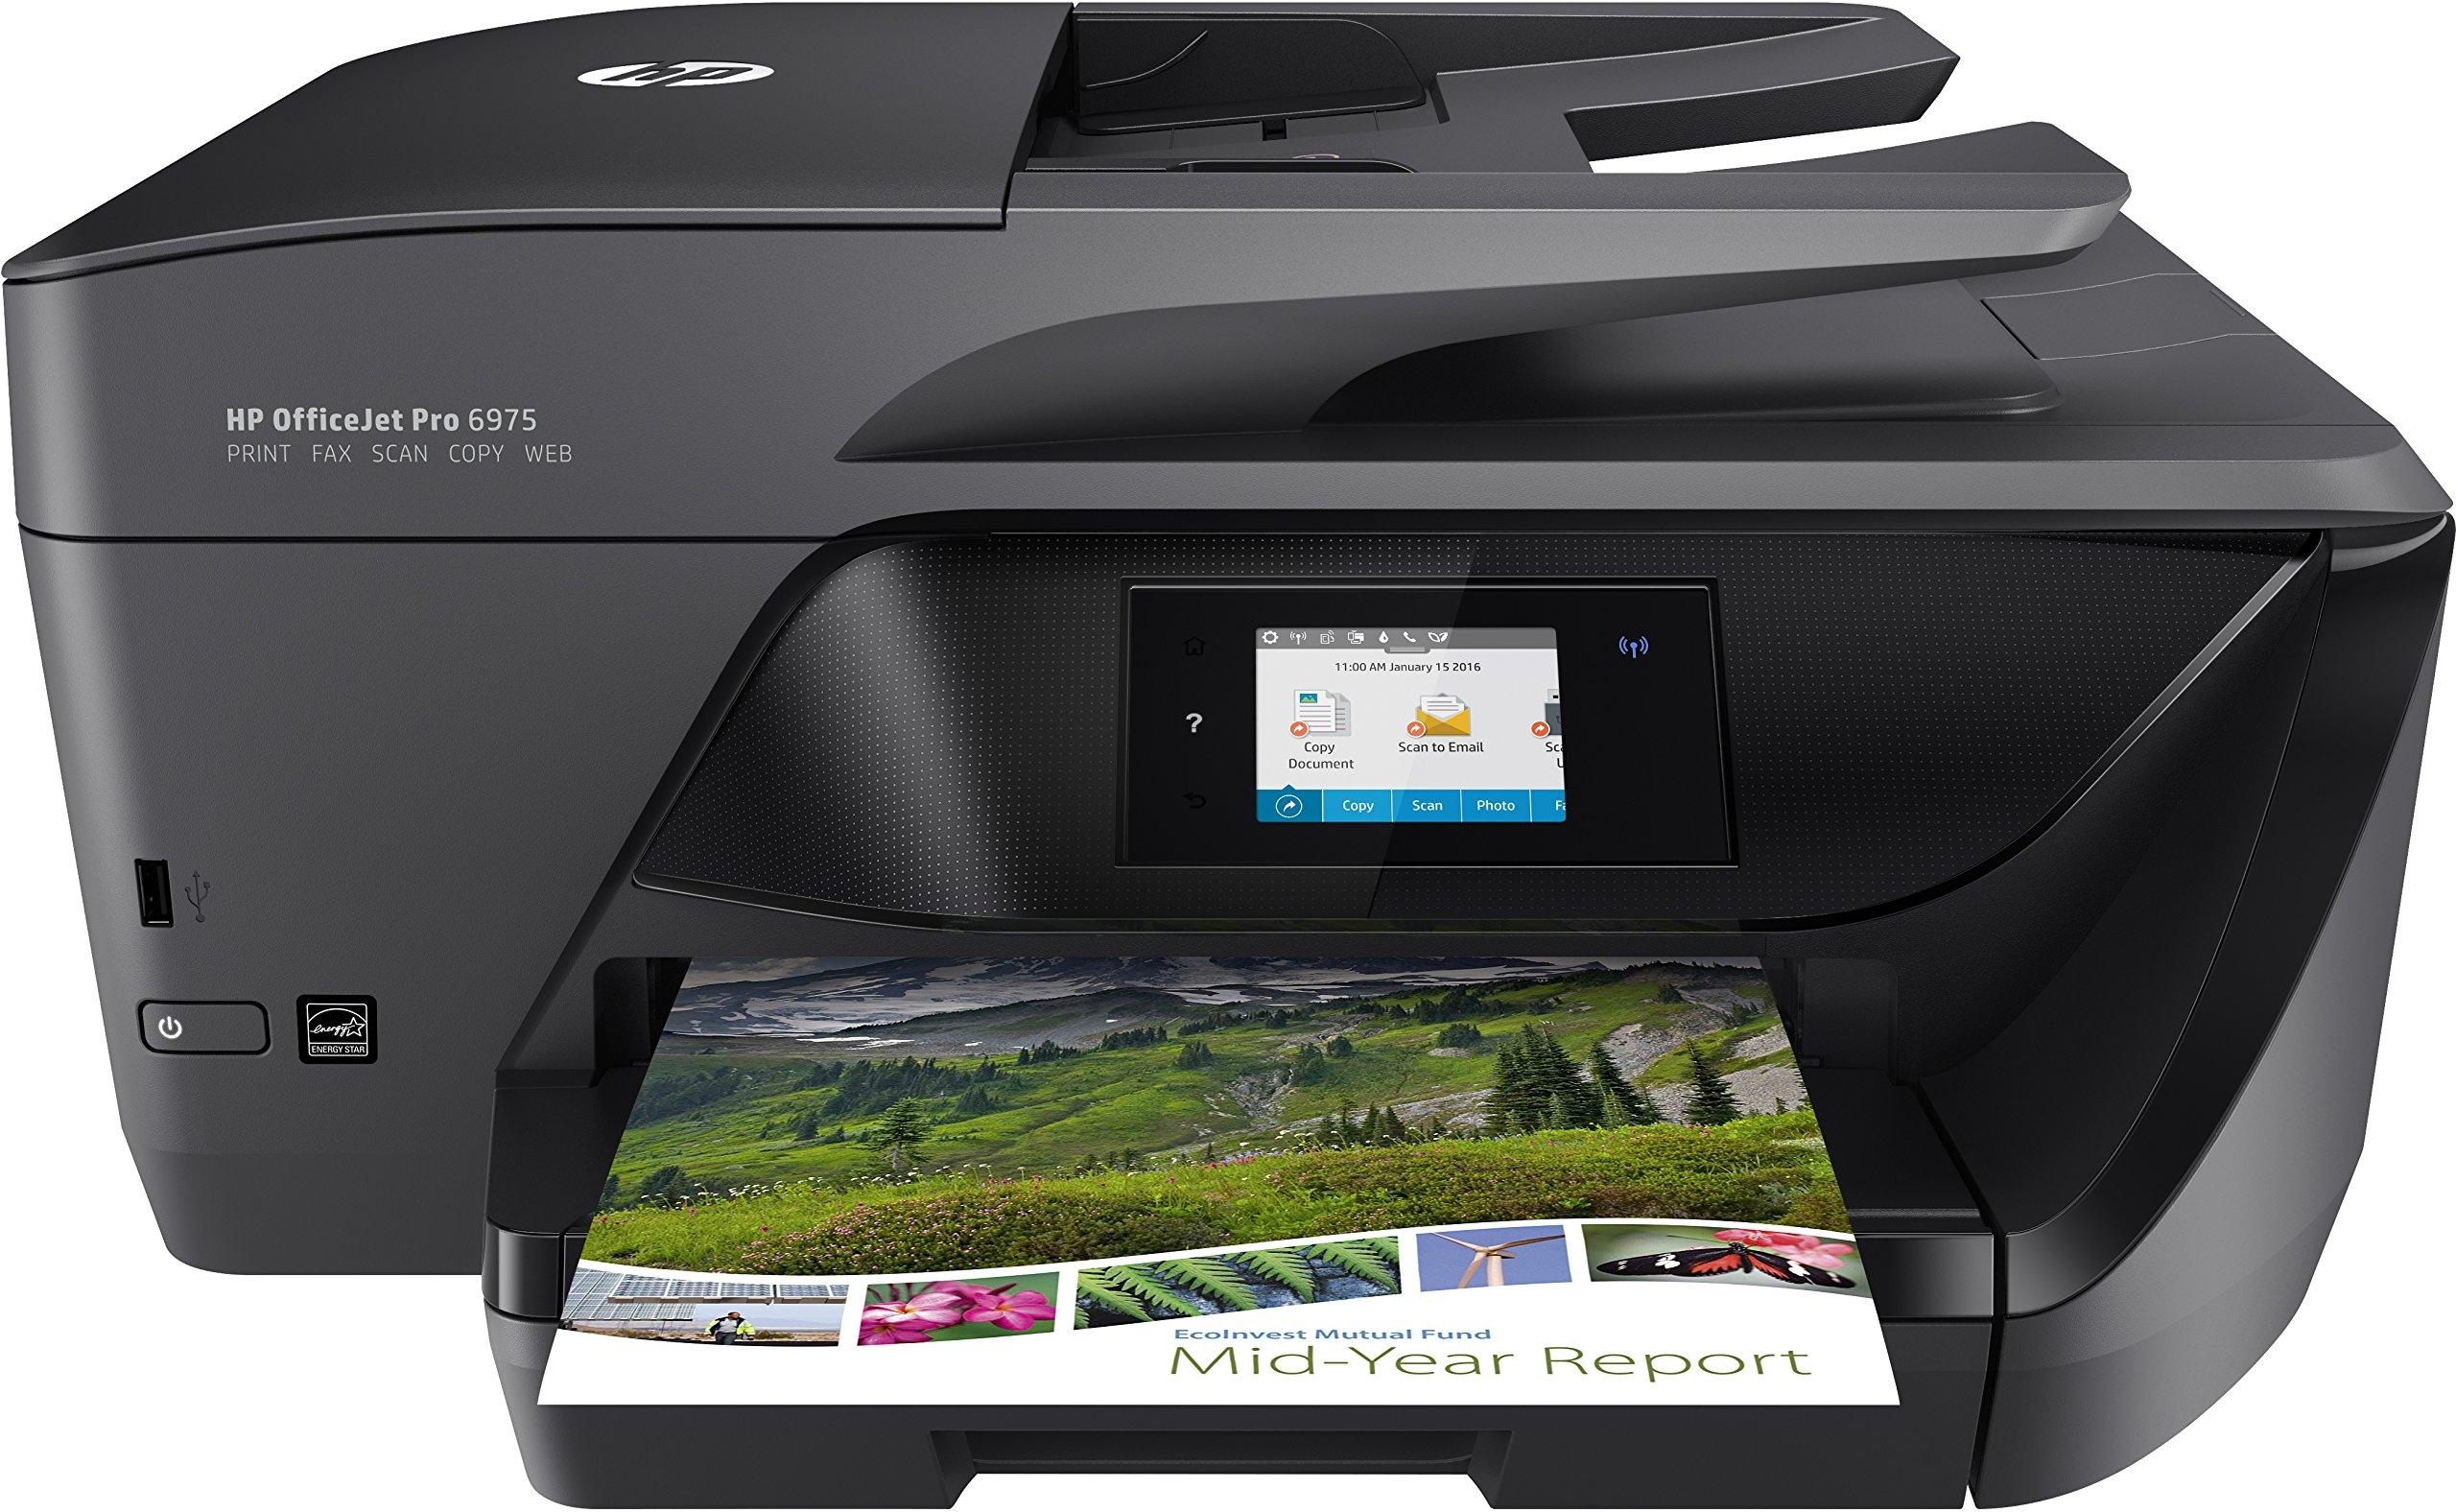 HP OfficeJet Pro 6975 by HP